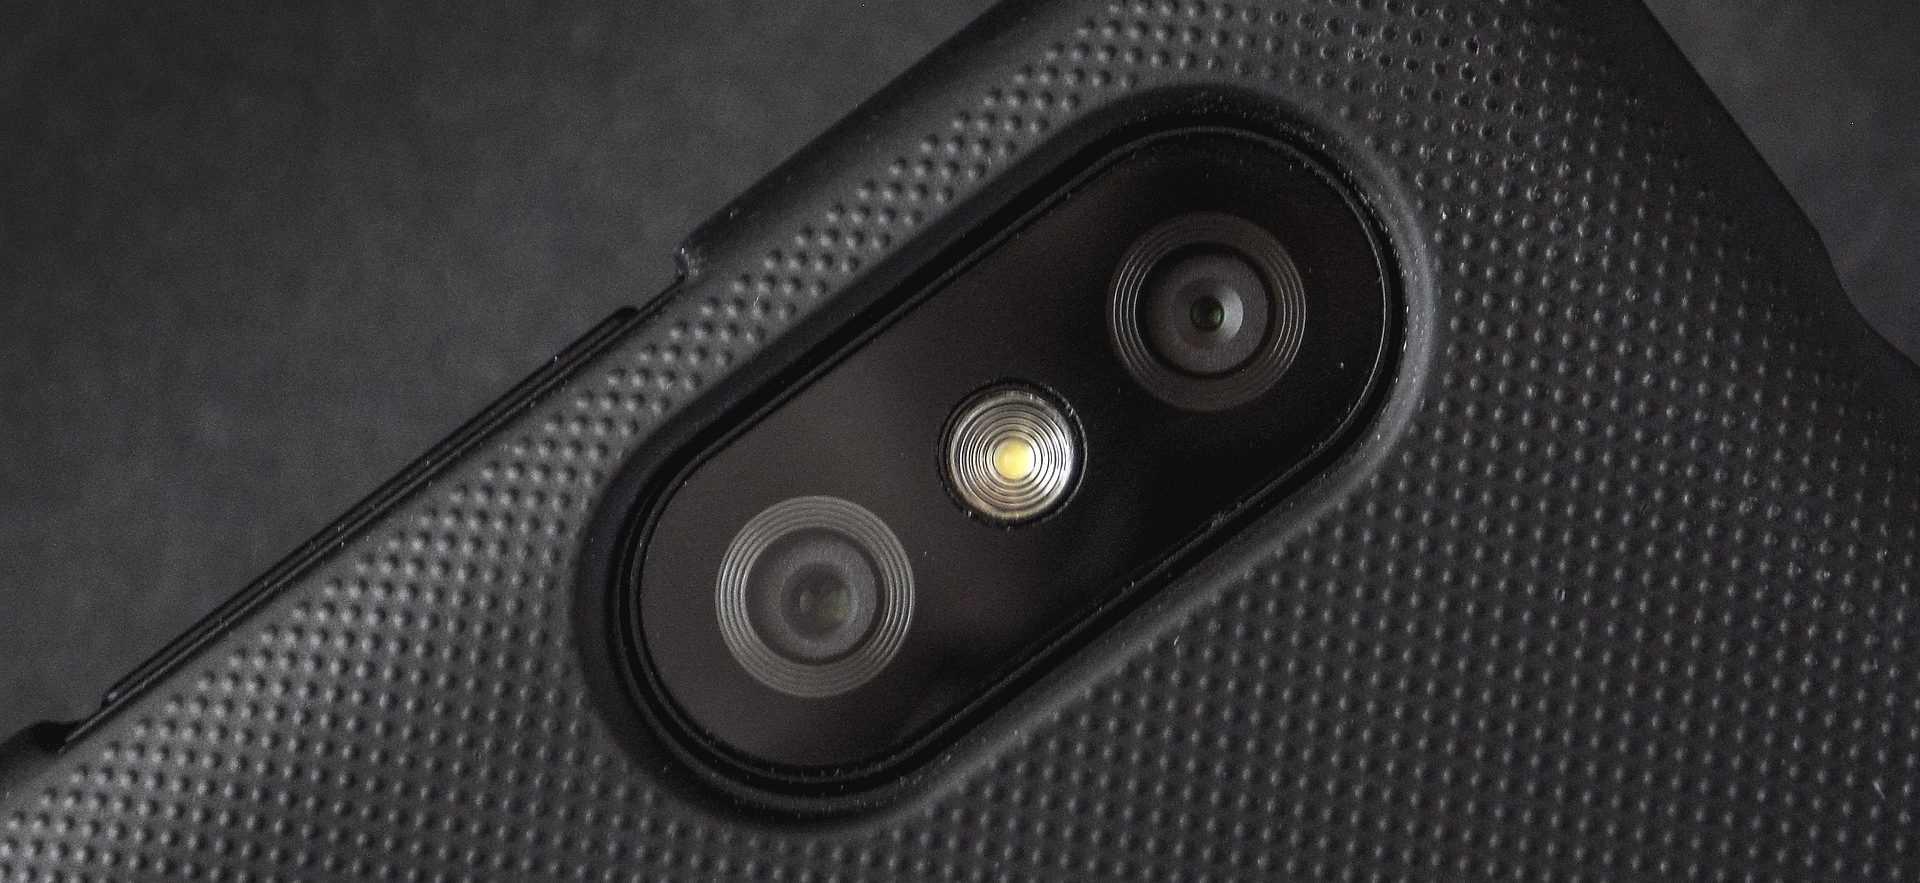 Xiaomi выпустит смартфон с камерой на 144 мегапикселя ► последние новости